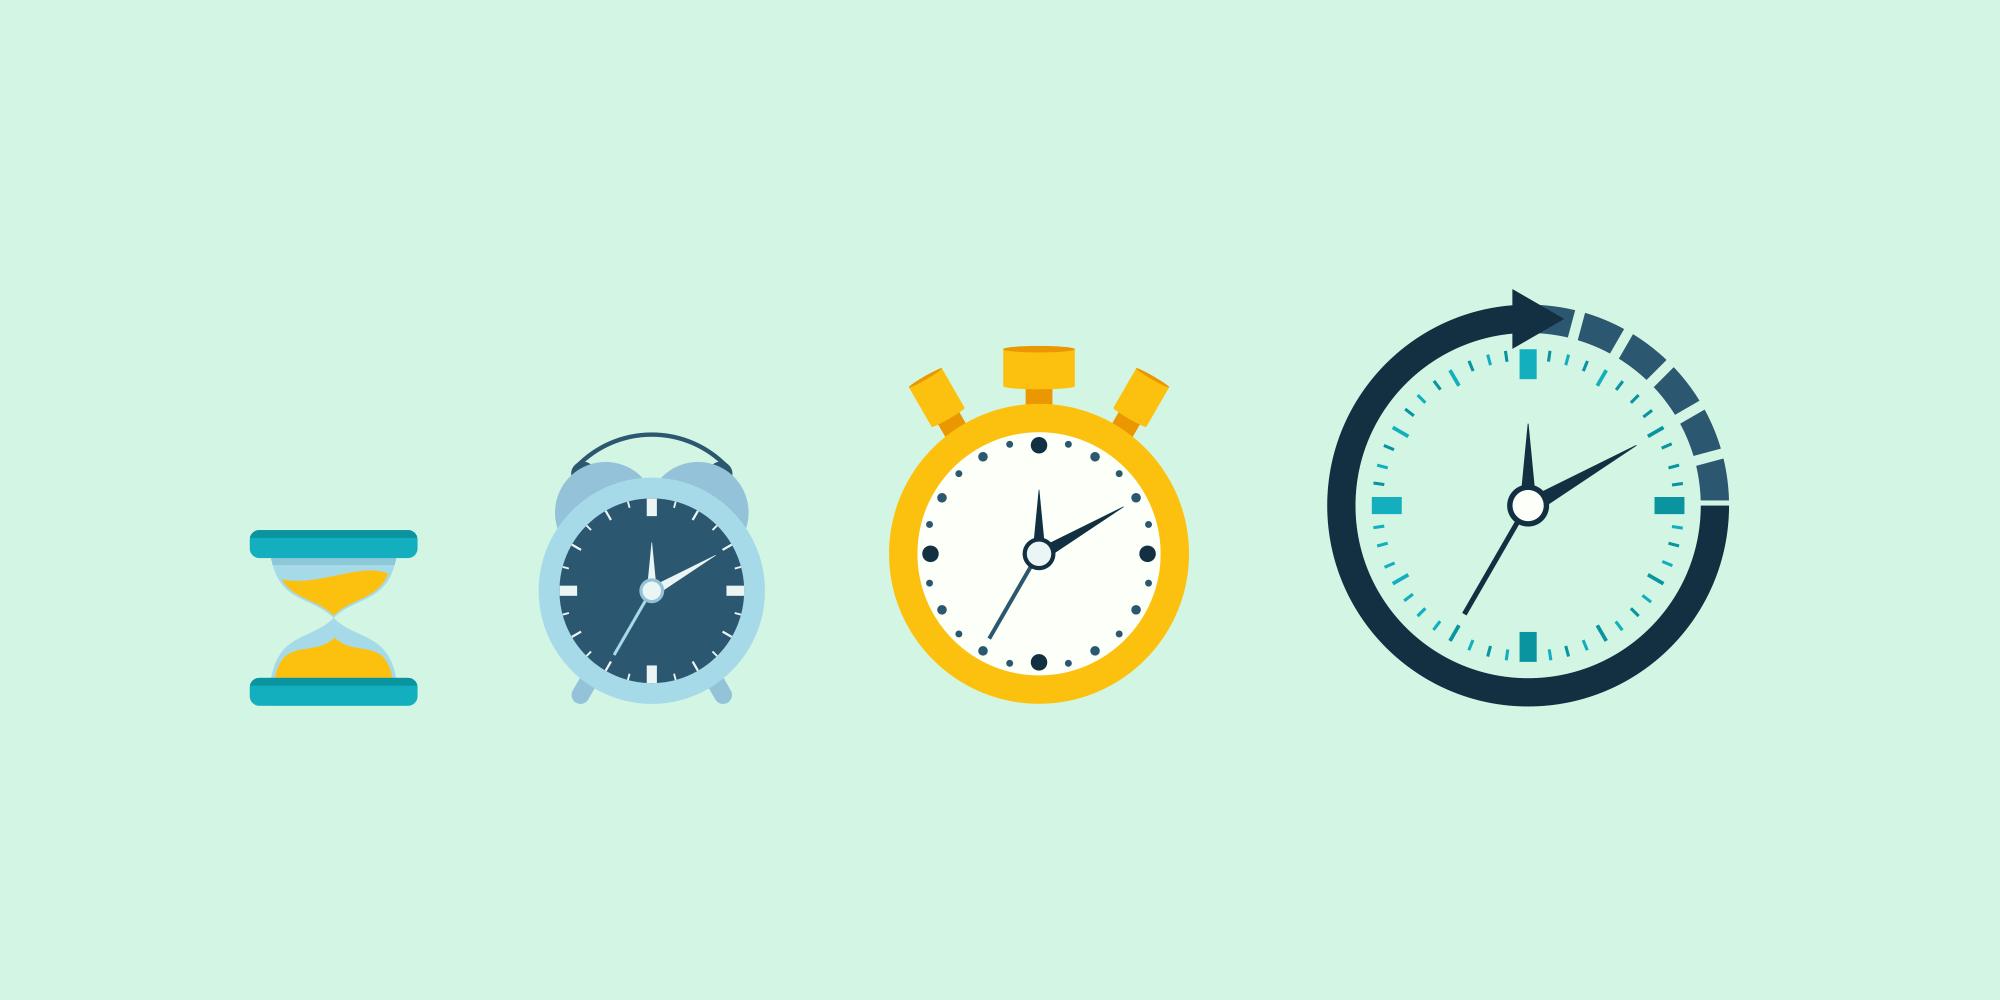 """<span id=""""hs_cos_wrapper_name"""" class=""""hs_cos_wrapper hs_cos_wrapper_meta_field hs_cos_wrapper_type_text"""" style="""""""" data-hs-cos-general-type=""""meta_field"""" data-hs-cos-type=""""text"""" >Controle as horas: técnicas de administração do tempo que você deve praticar</span>"""